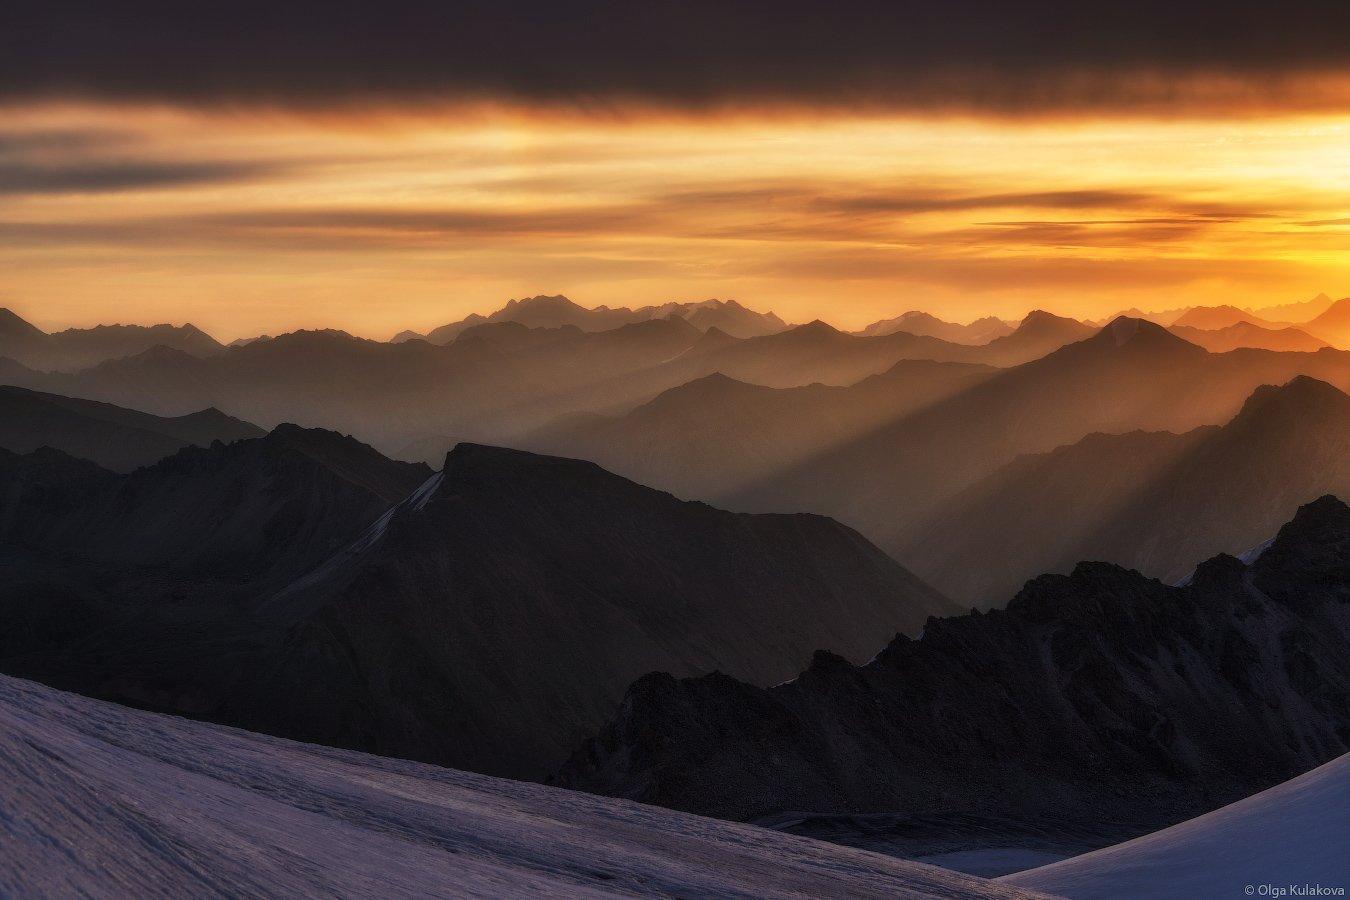 тянь-шань, рассвет, горы, вершины, баянкол, утро, пик астана, Ольга Кулакова